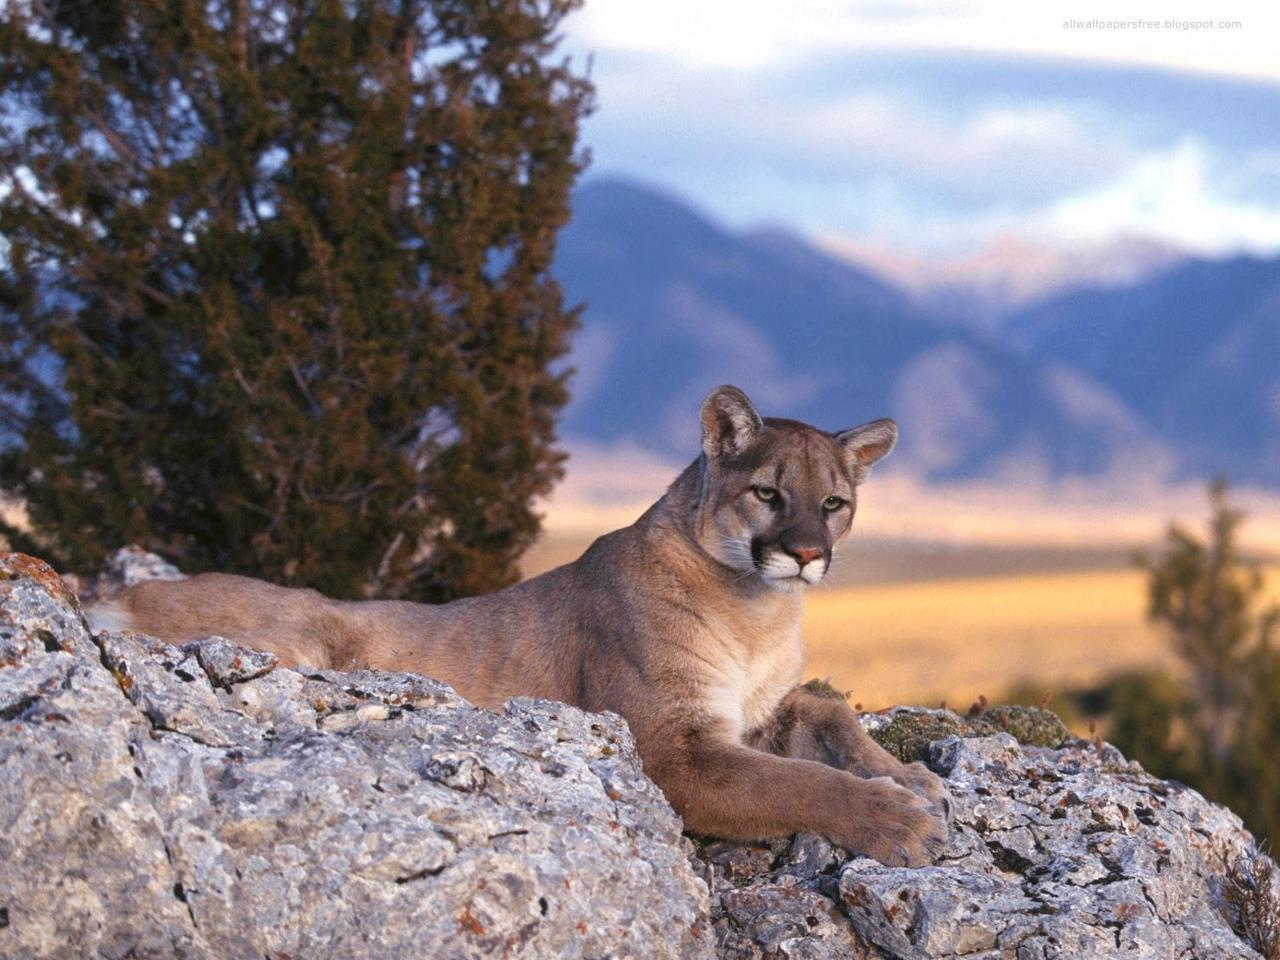 Animaux sauvages wallpapers free fonds d 39 cran gratuits - Photos de lions gratuites ...